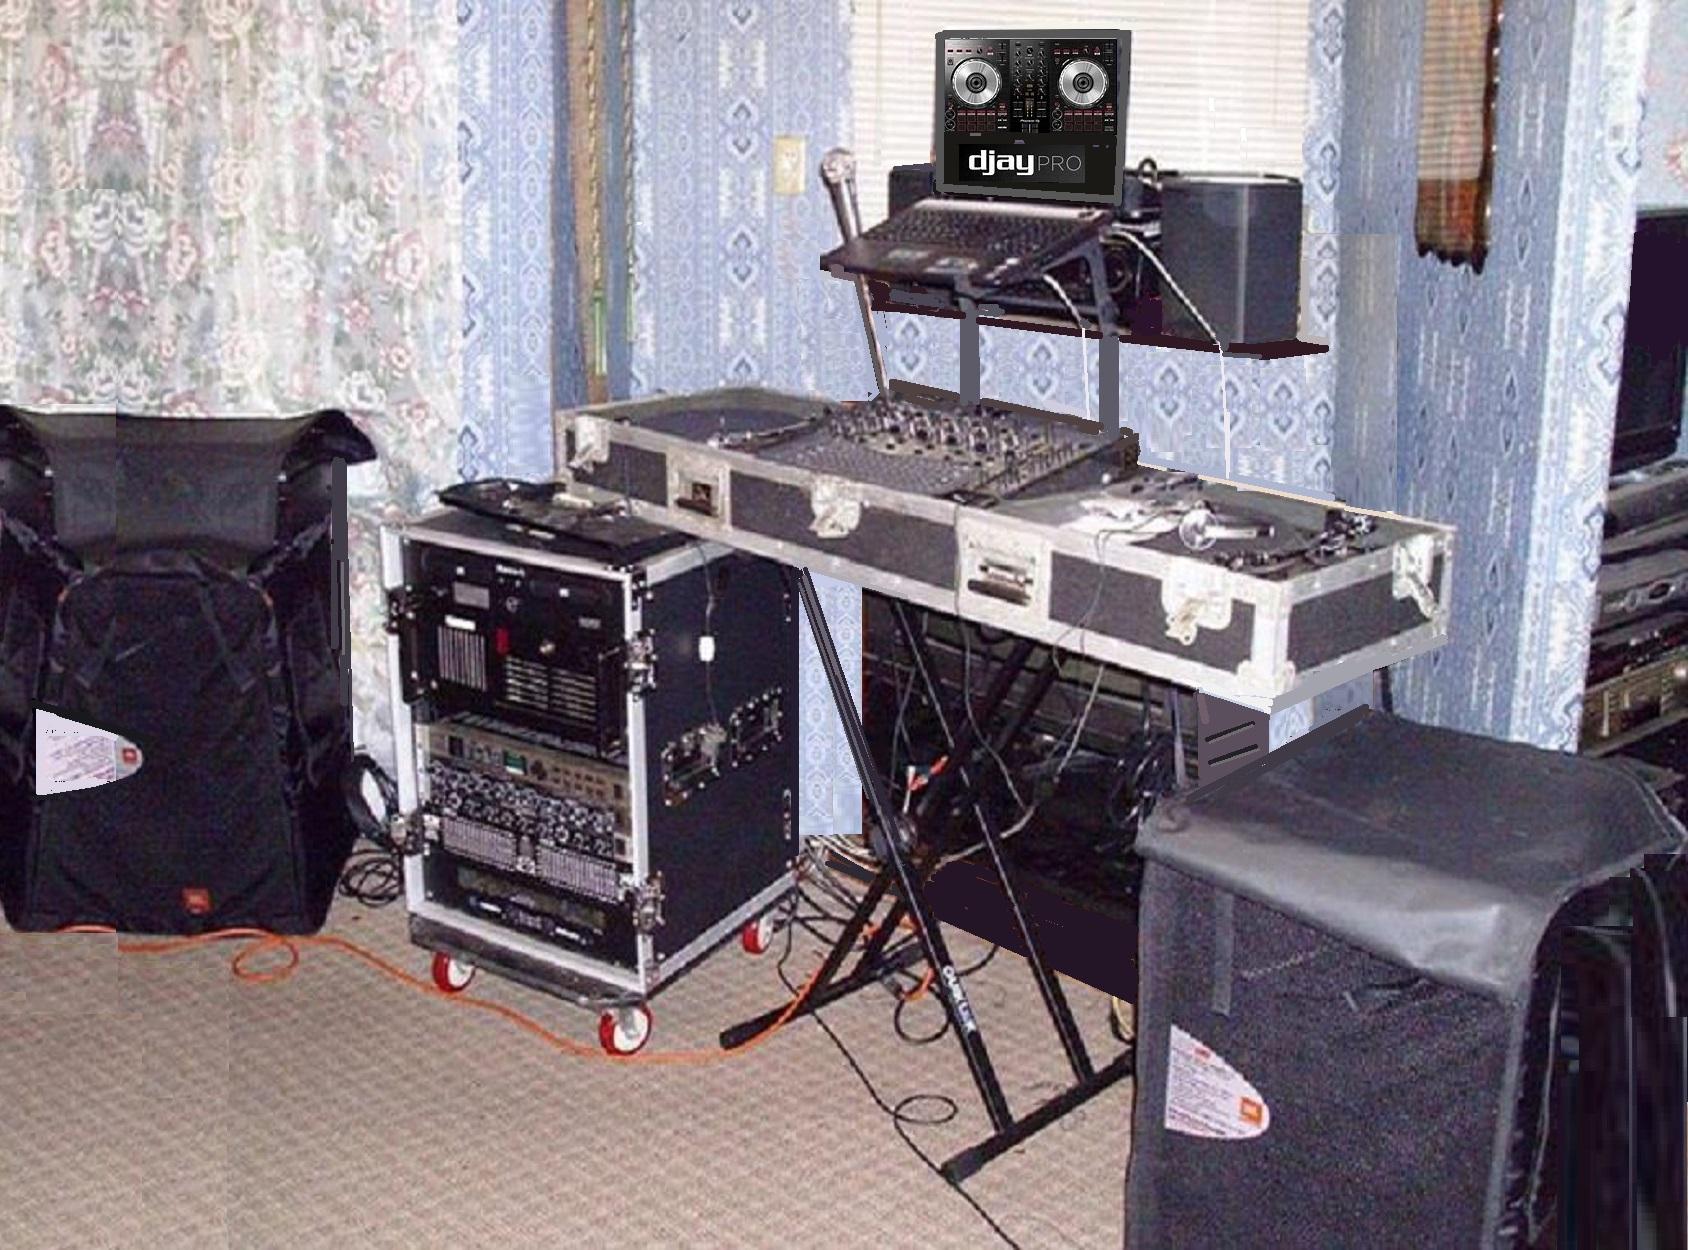 DJ & Equipment Rentals